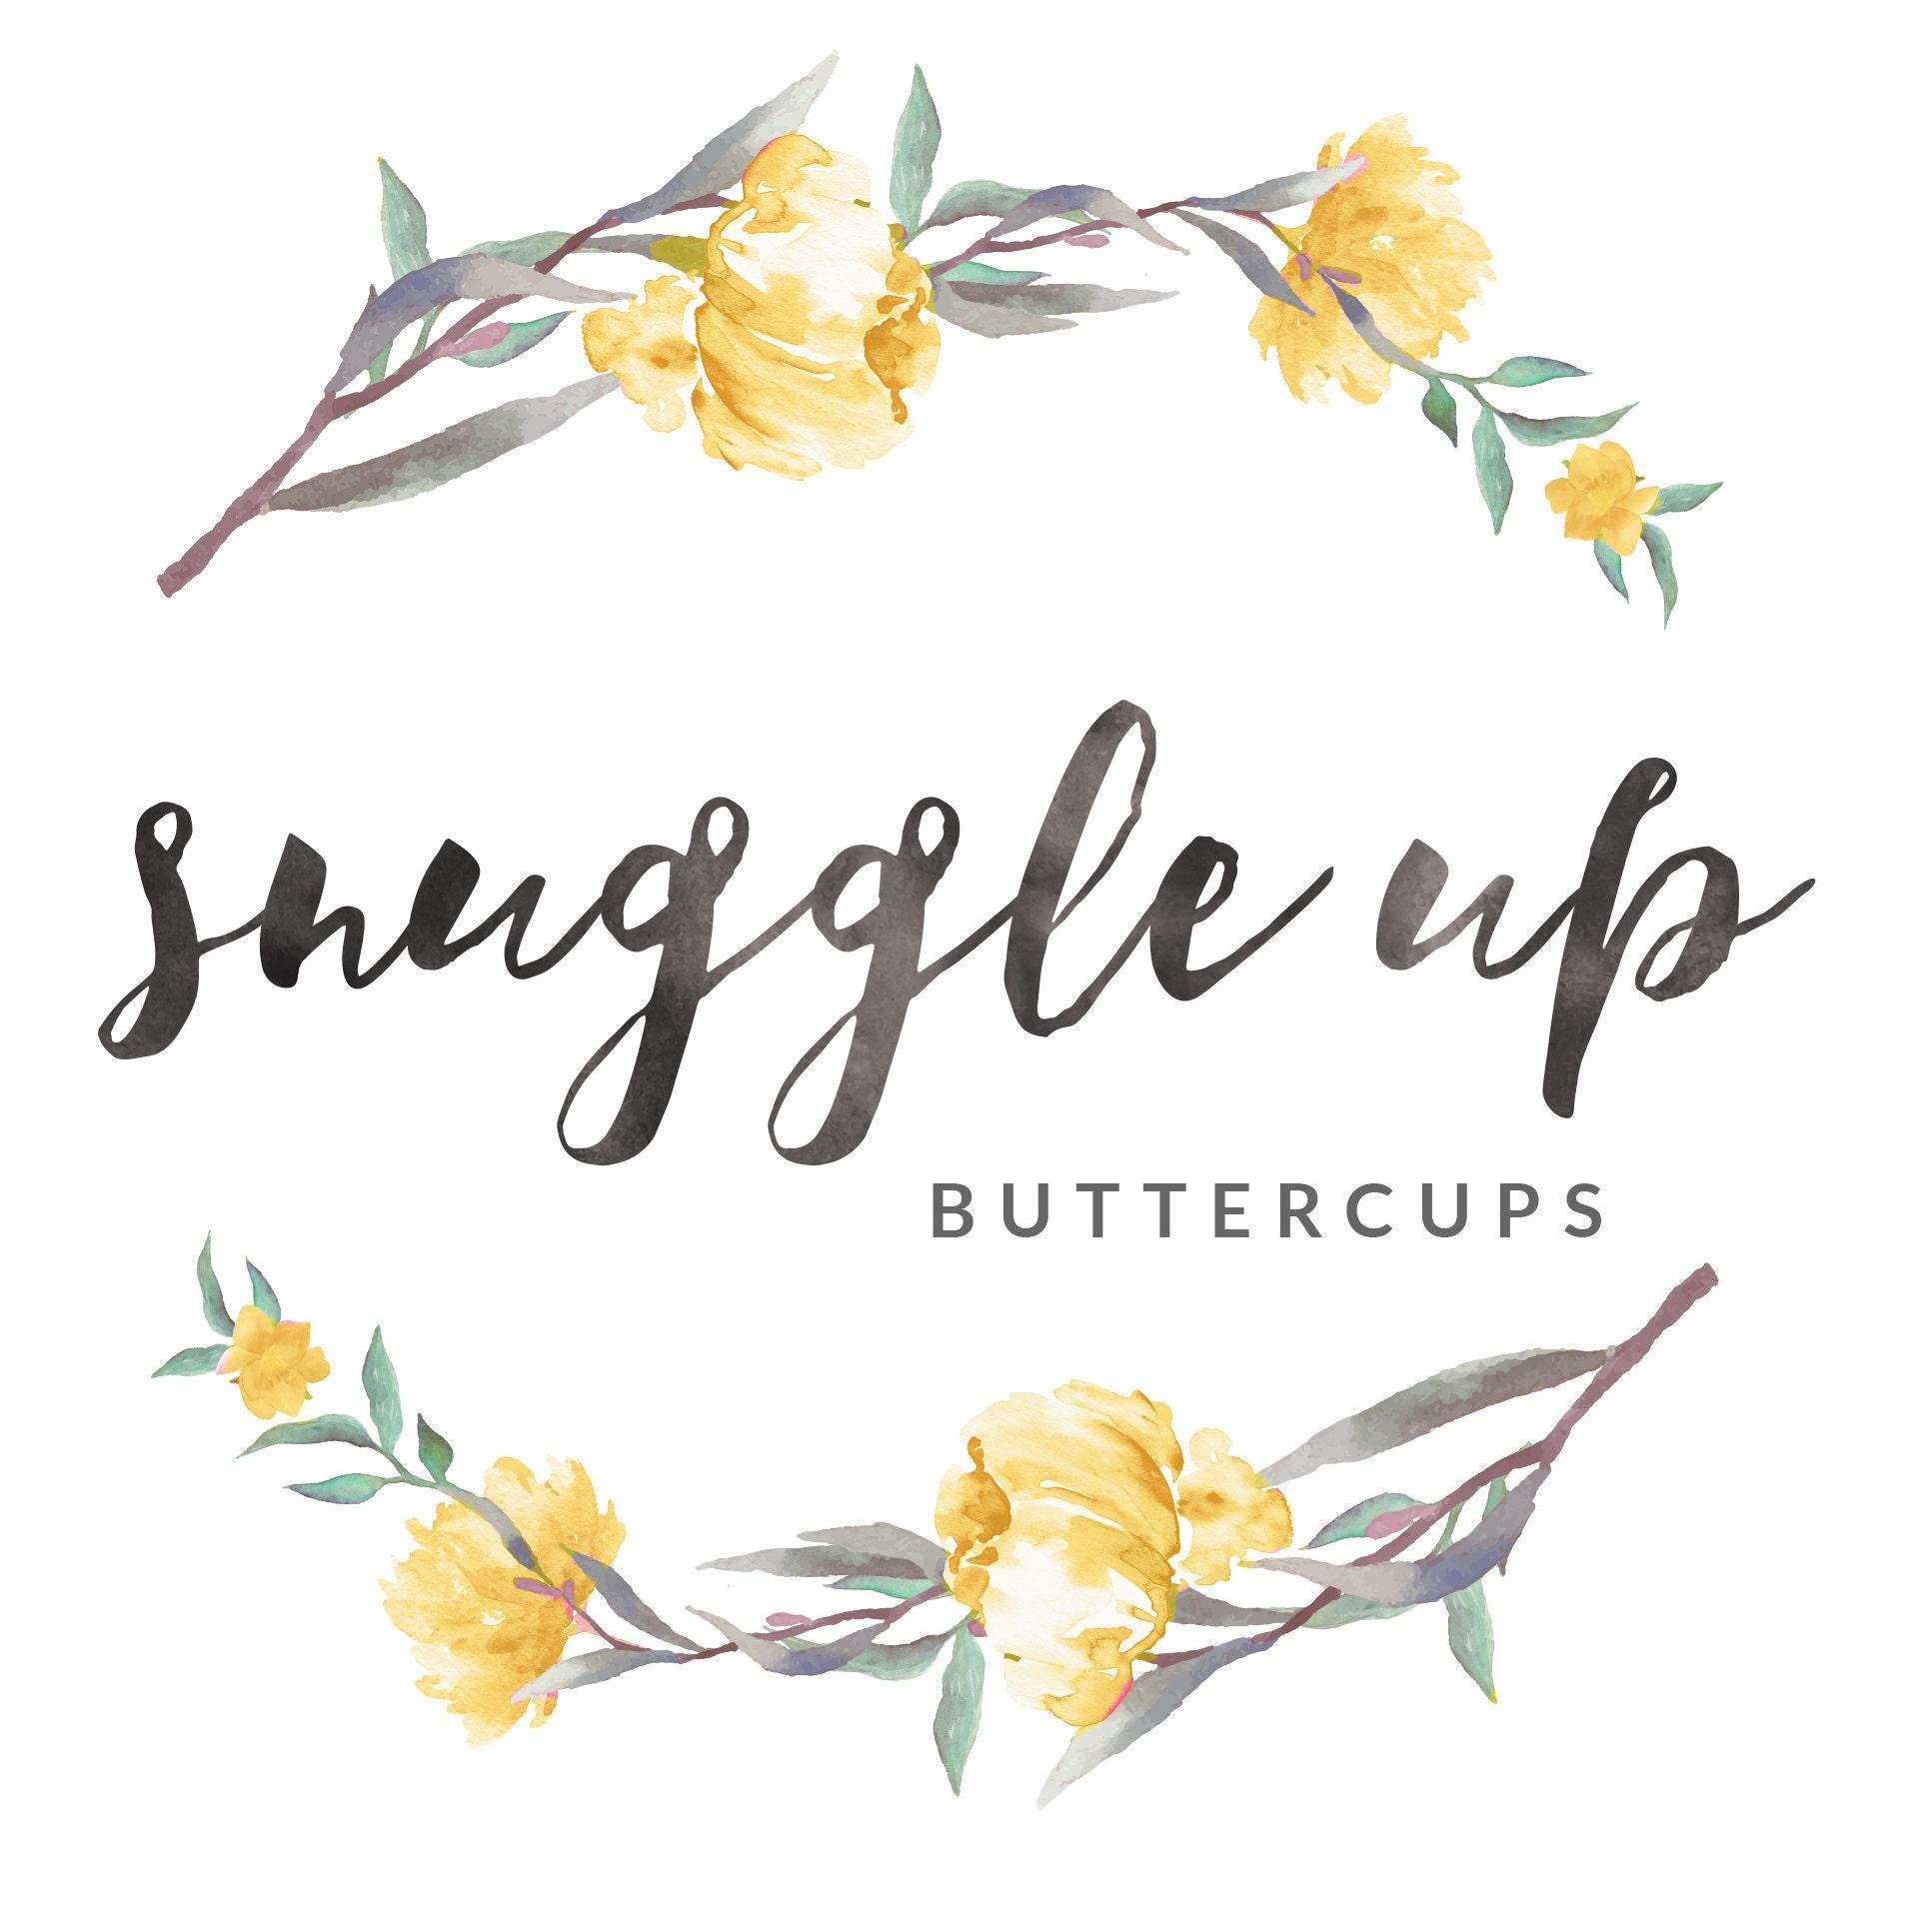 SnuggleUpButtercups